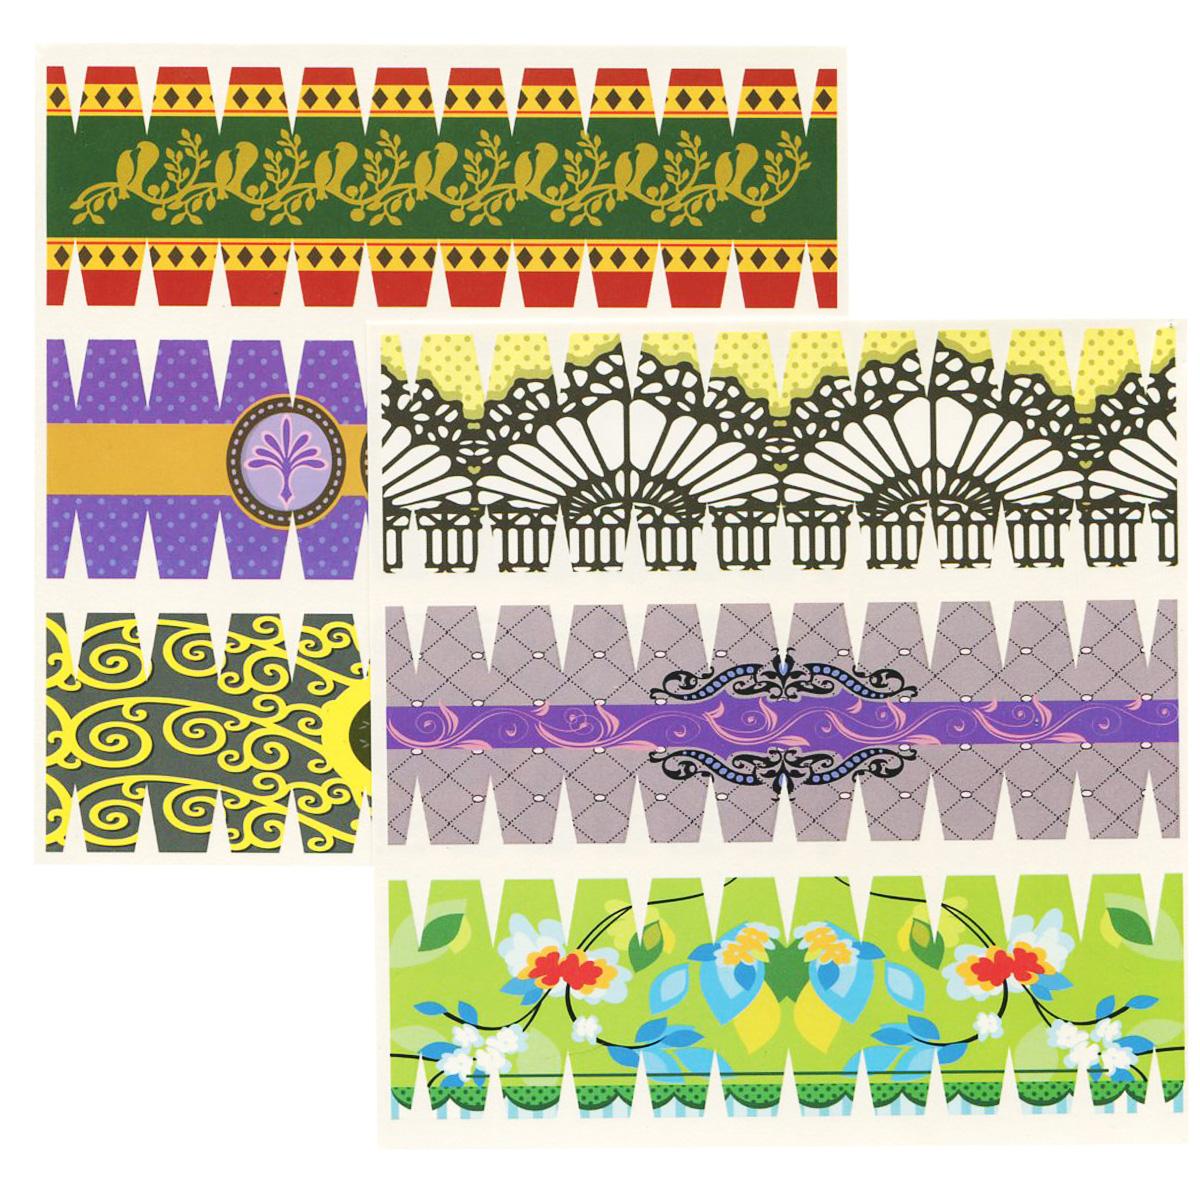 Набор переводных наклеек для яиц Home Queen Геометрия, 6 шт60883_4Набор Home Queen Геометрия состоит из 6 переводных наклеек, которые предназначены для декорирования пасхальных яиц. Наклейки выполнены из бумаги и украшены различными узорами. Такой набор украшений создаст атмосферу праздника в вашем доме. Размер наклейки: 4,4 см х 14,5 см.